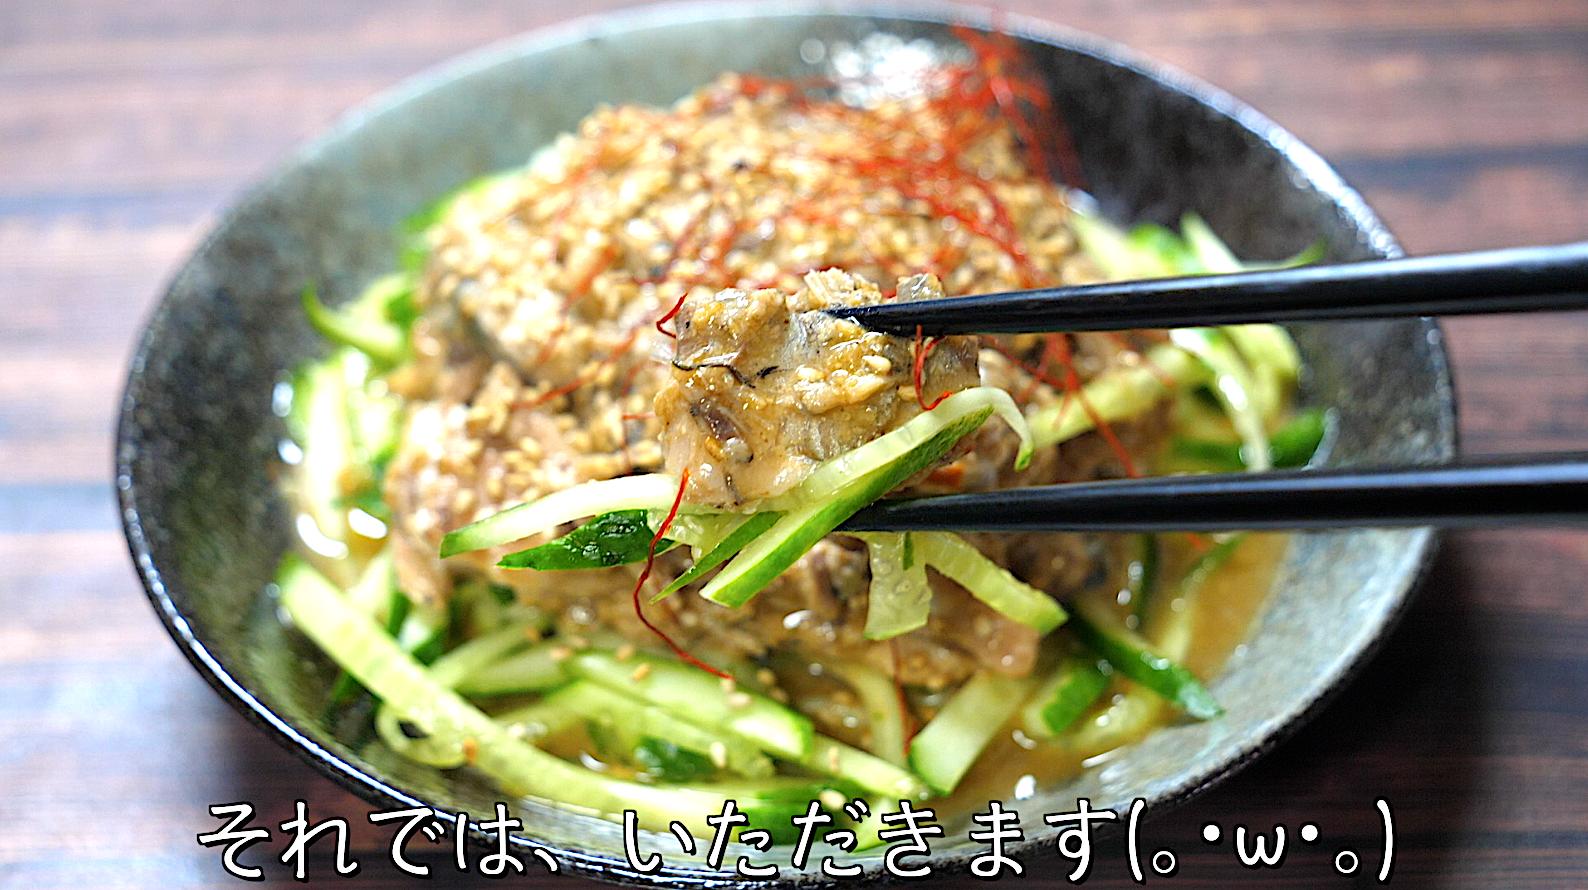 サバ缶 きゅうり レシピ ダイエット